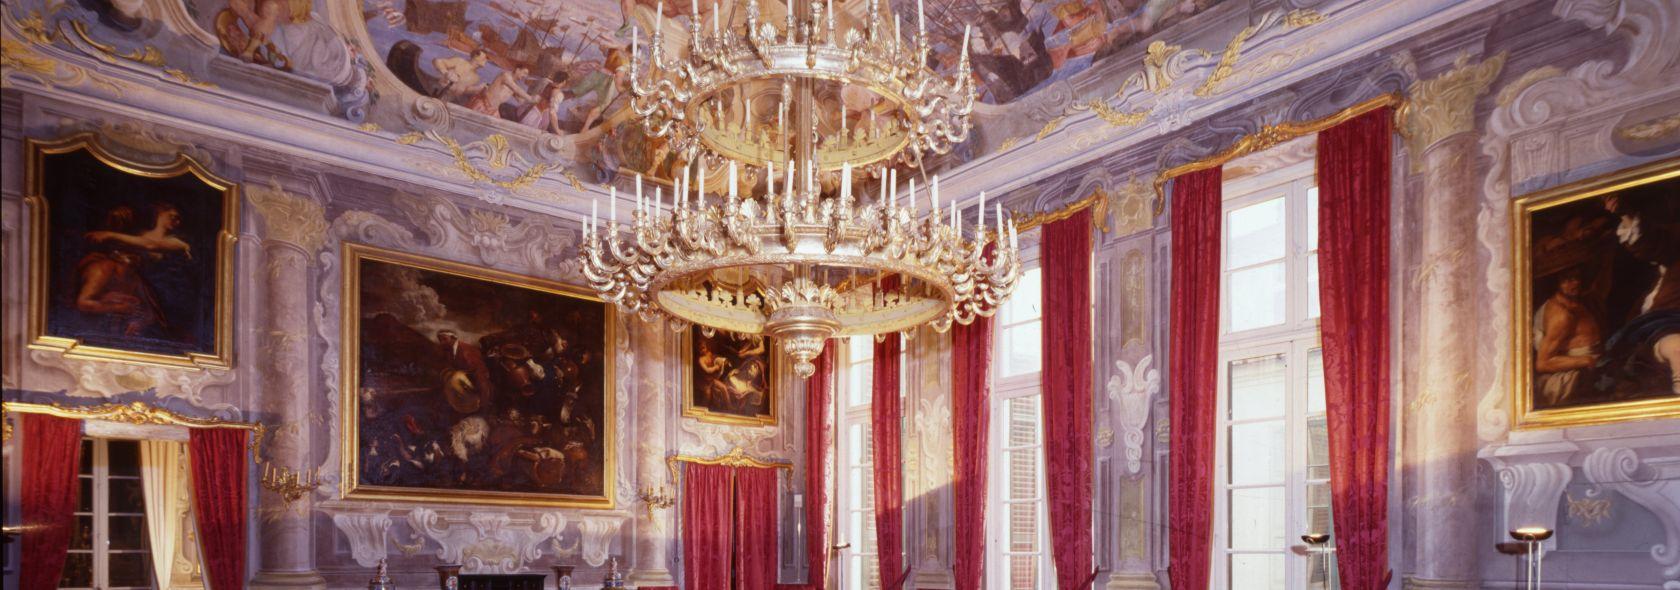 Galleria Nazionale di Palazzo Spinola - Salone secondo piano